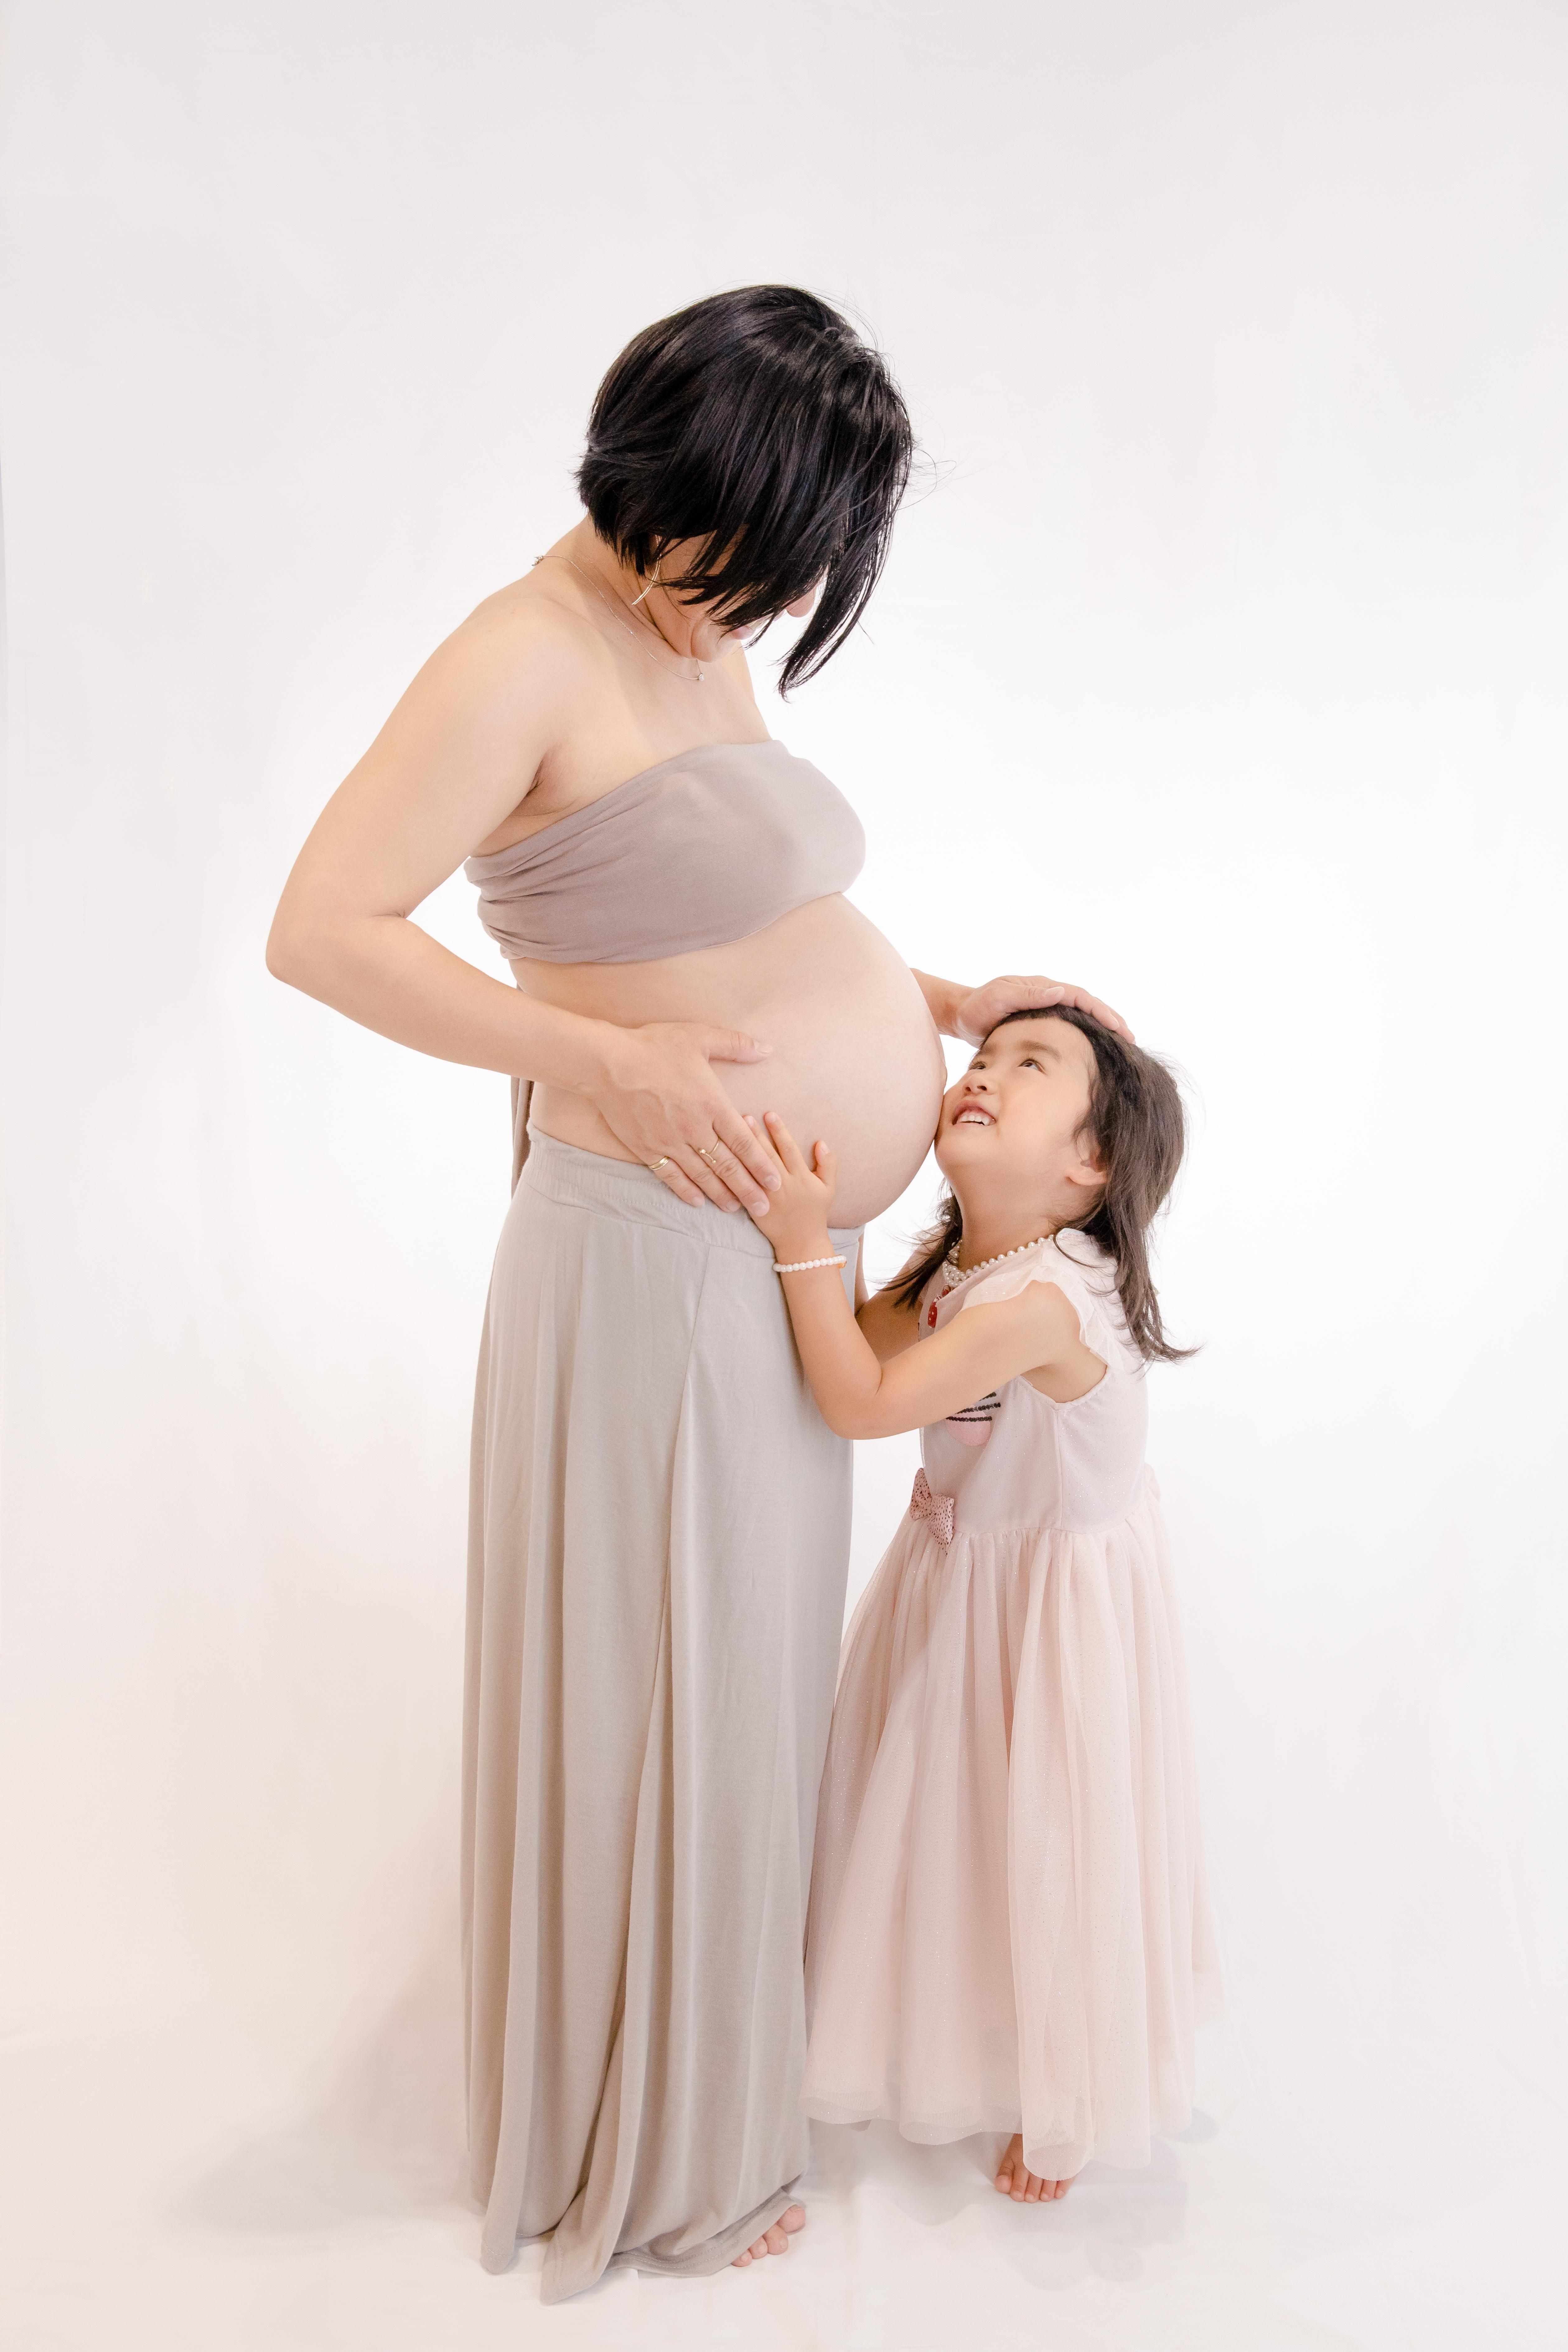 マタニティフォトハピままカフェ妊娠後期出張撮影